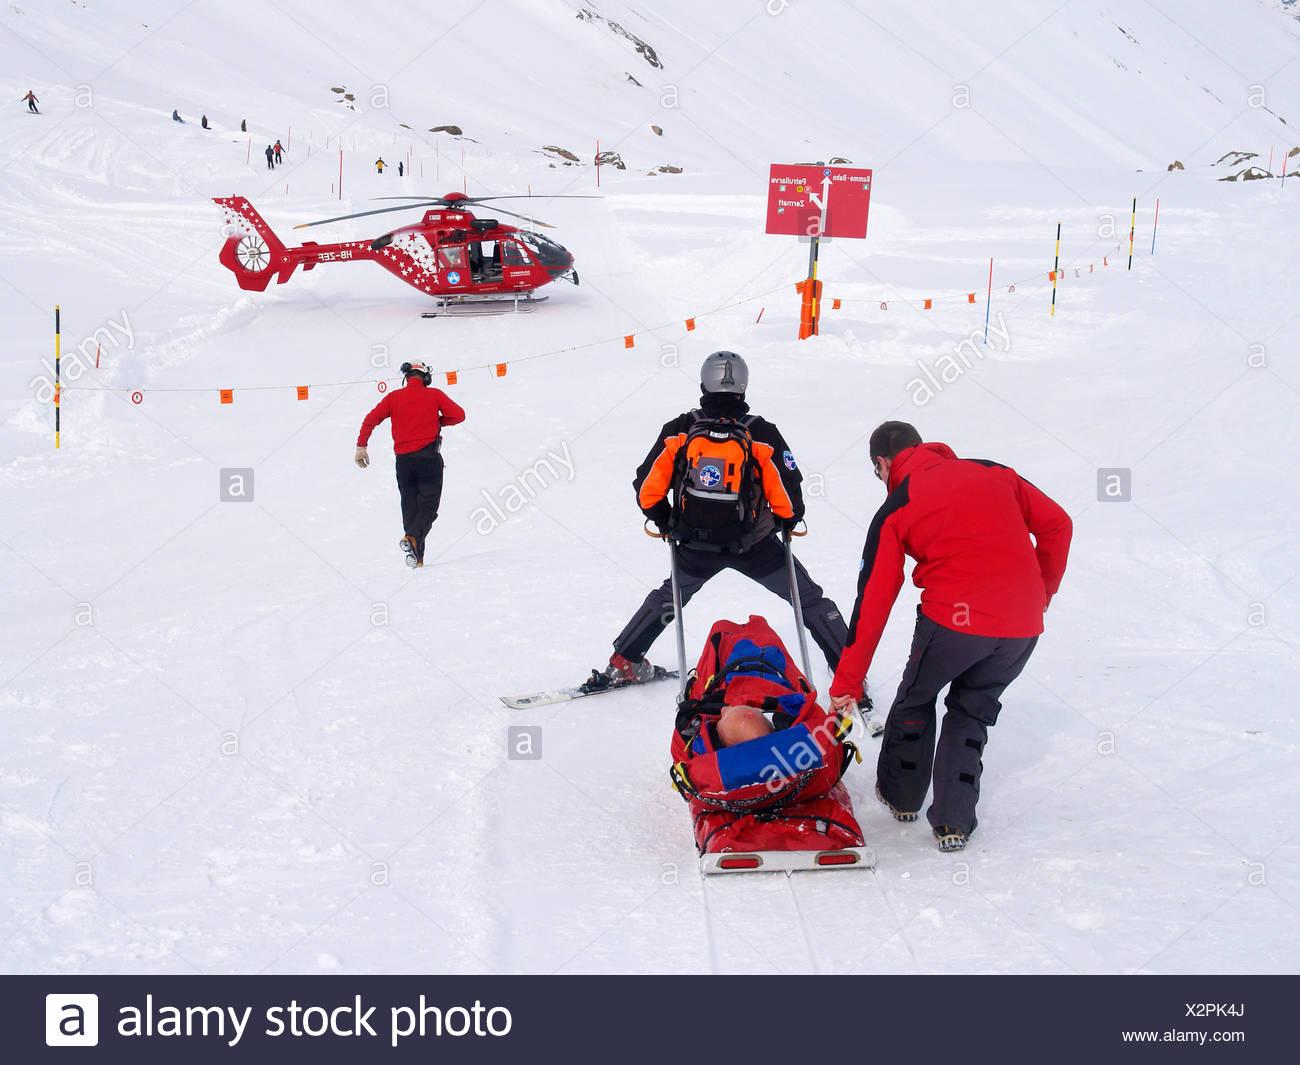 Le personnel de sauvetage aide un skieur blessé dans le domaine skiable de Zermatt dans les Alpes suisses. Photo Stock